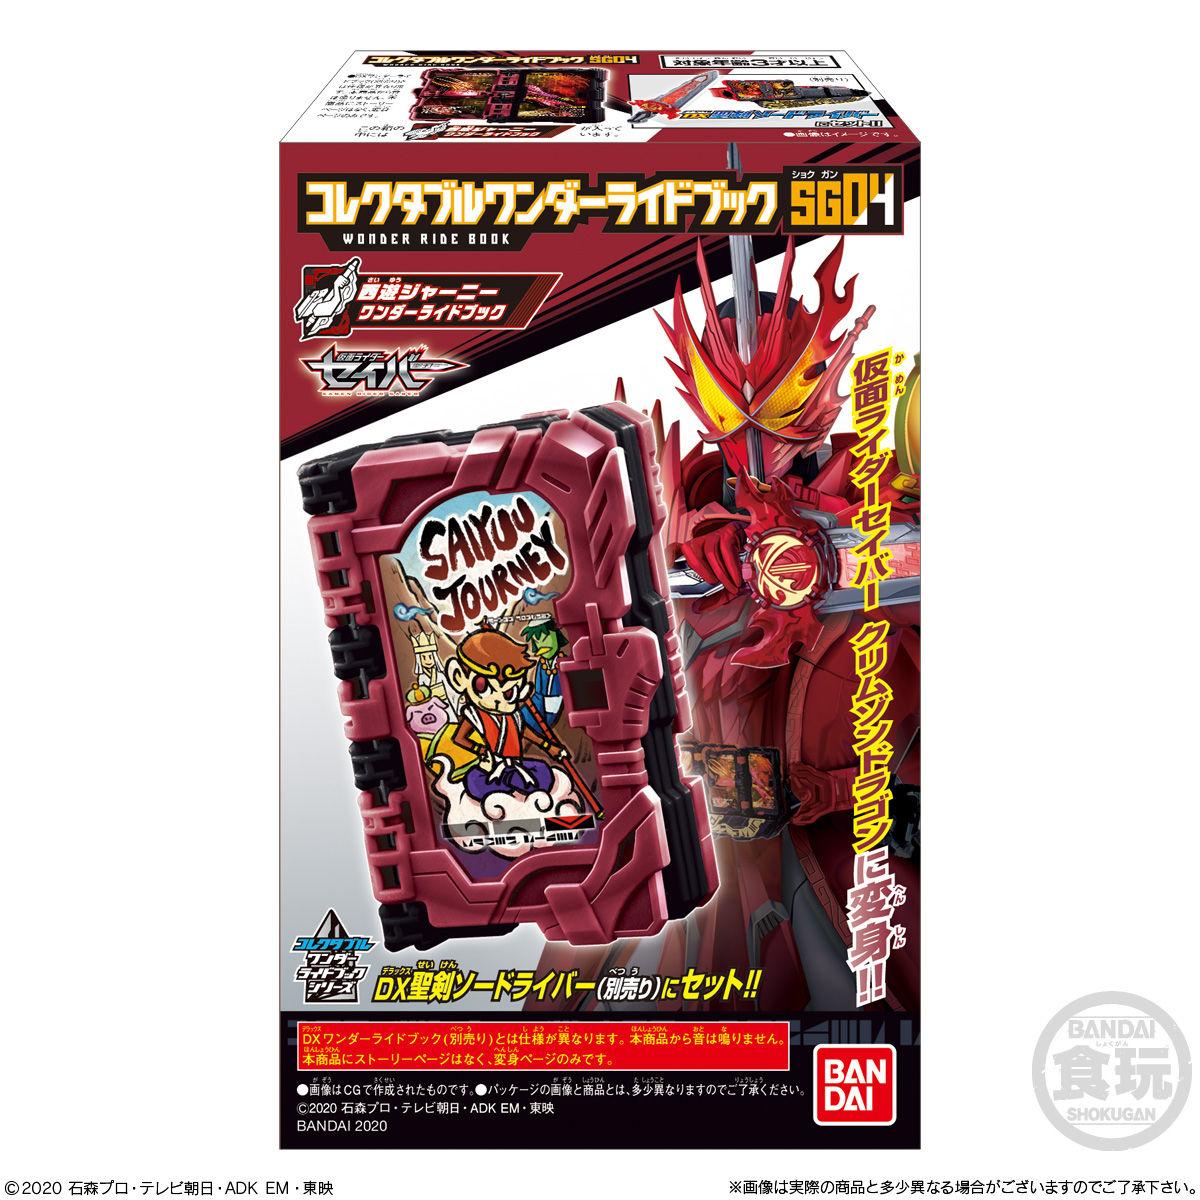 【食玩】仮面ライダーセイバー『コレクタブルワンダーライドブック SG04』8個入りBOX-009